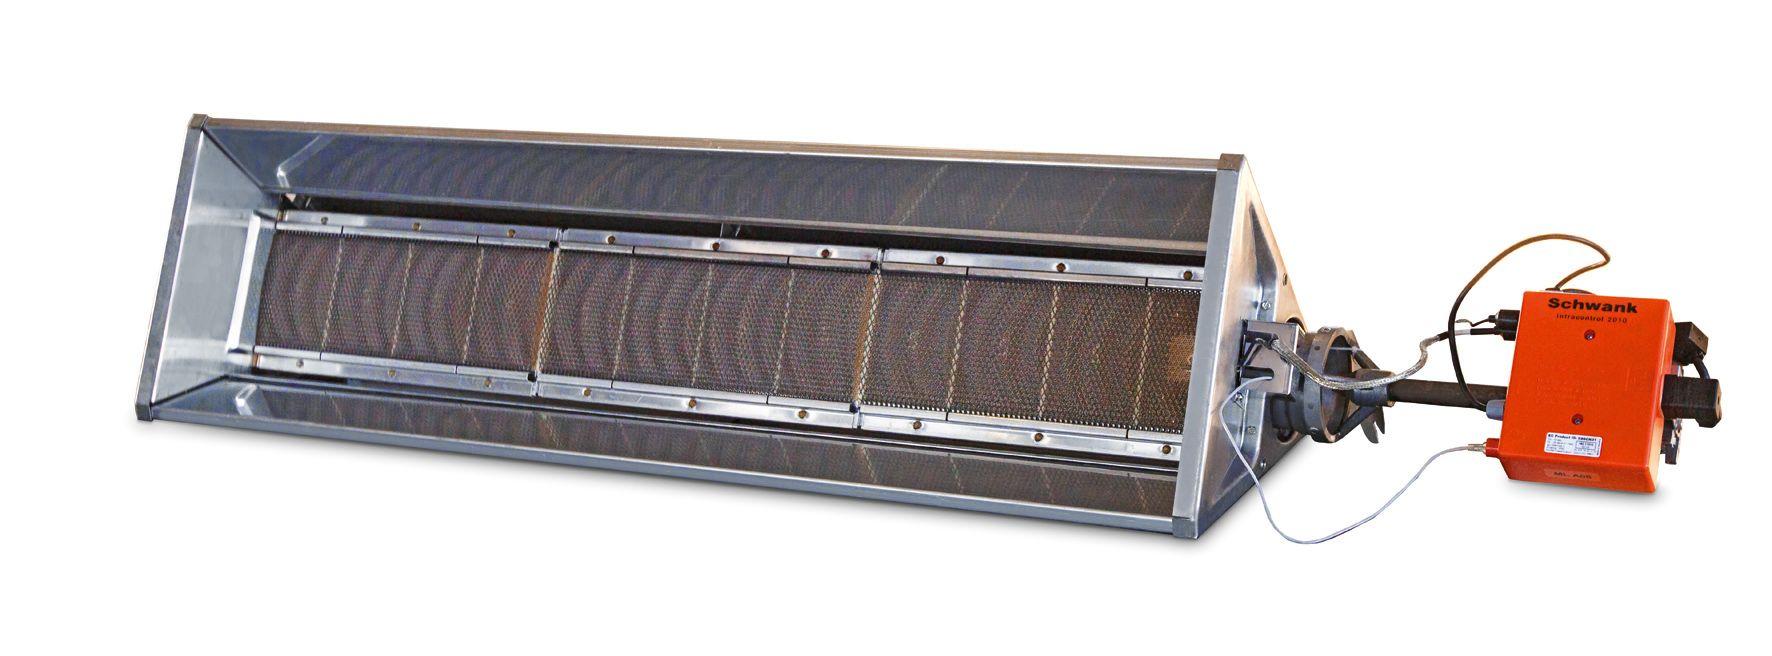 Топ-10 инфракрасных газовых горелок для обогрева помещения: обзор лучших предложений на рынке + советы по выбору лучшего варианта